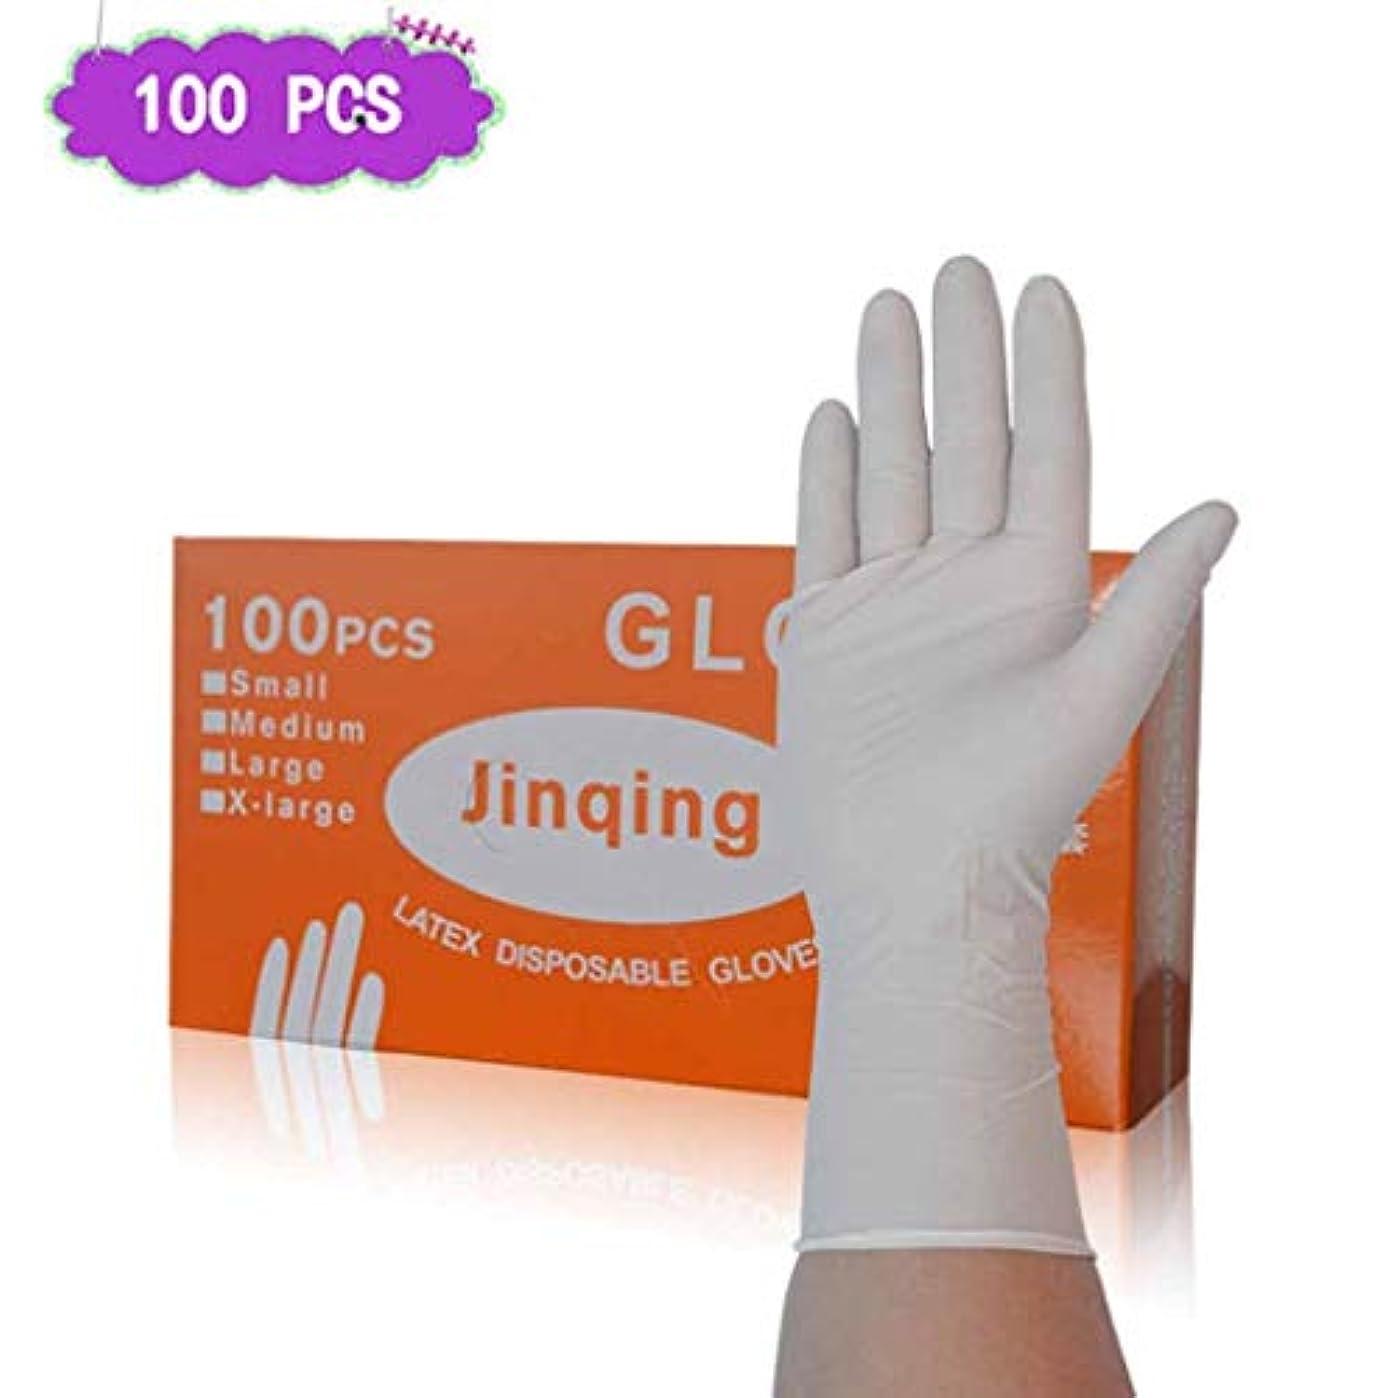 絶壁つまずく気まぐれなニトリルグローブ12インチの長い厚い白い食品グレードラテックステストゴム、非滅菌、デューティ試験手袋|病院、法執行機関、食品ベンダー向けのプロフェッショナルグレード (Size : M)